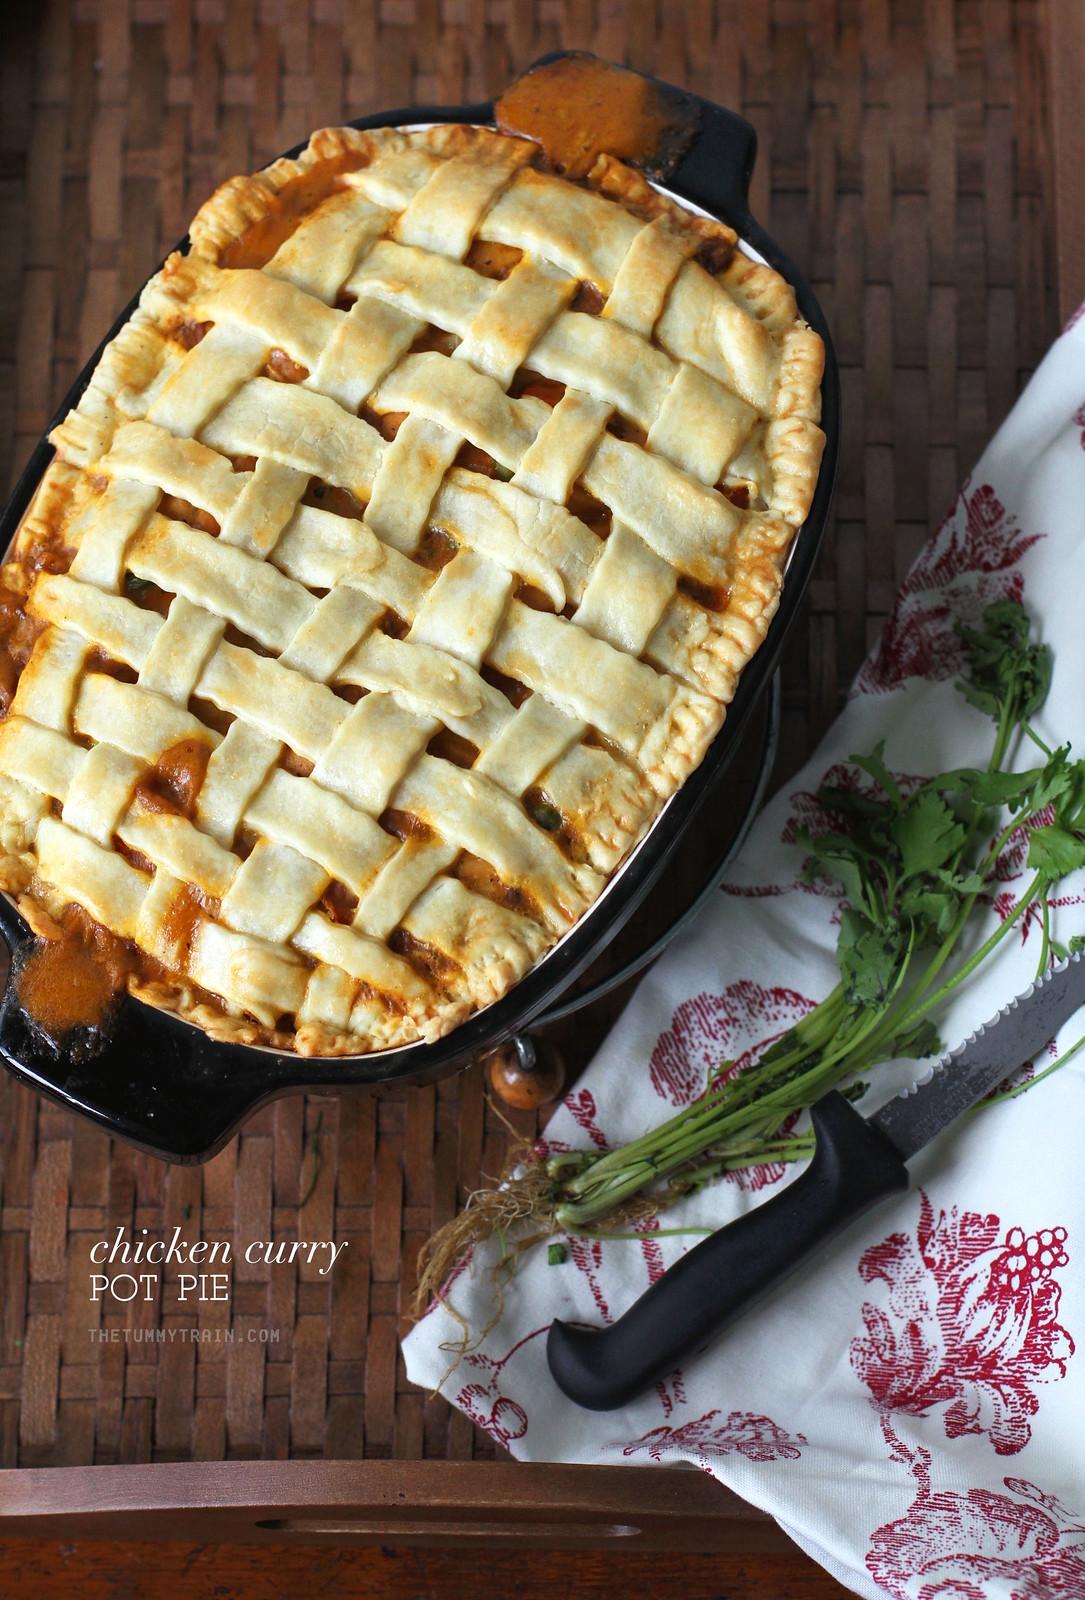 25785585354 4fd5e75363 h - A dreamy Chicken Curry Pot Pie in my pretty KitchenAid Casserole